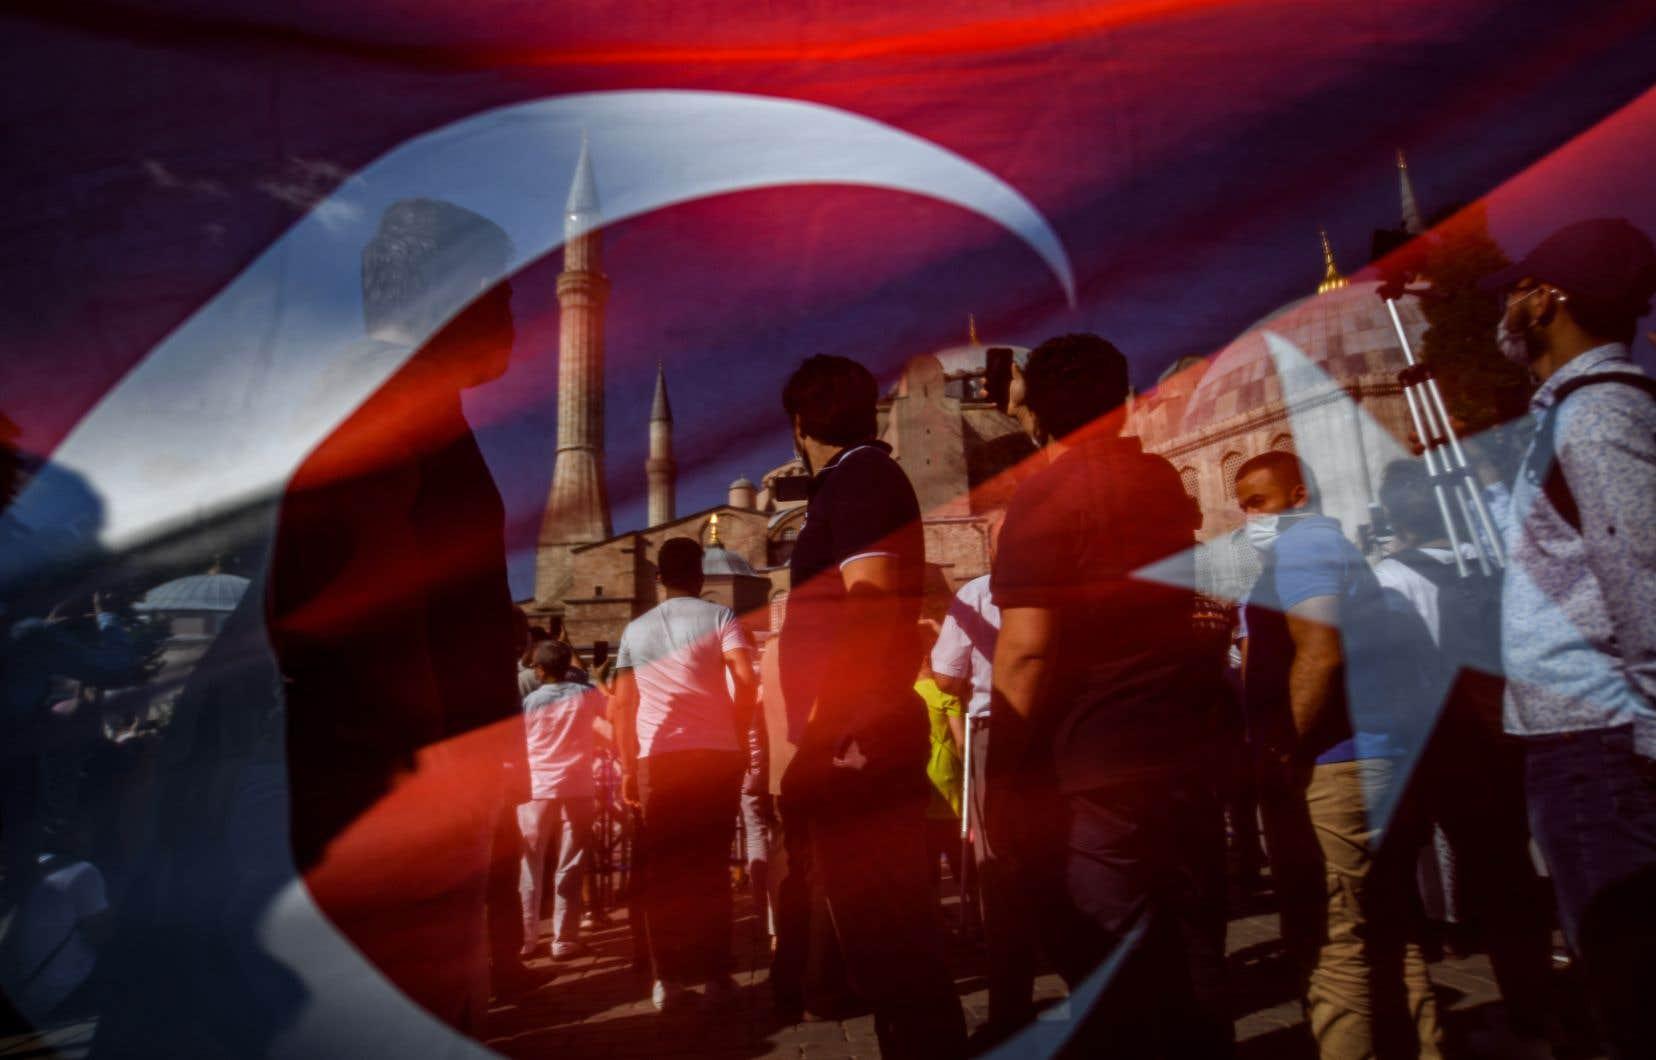 «Parmi les Grecs d'Istanbul, touchés au premier chef sur le plan symbolique par le geste d'Erdoğan, plusieurs réprouvent la récupération idéologique fondée sur le conflit de religions», écrit l'auteur.